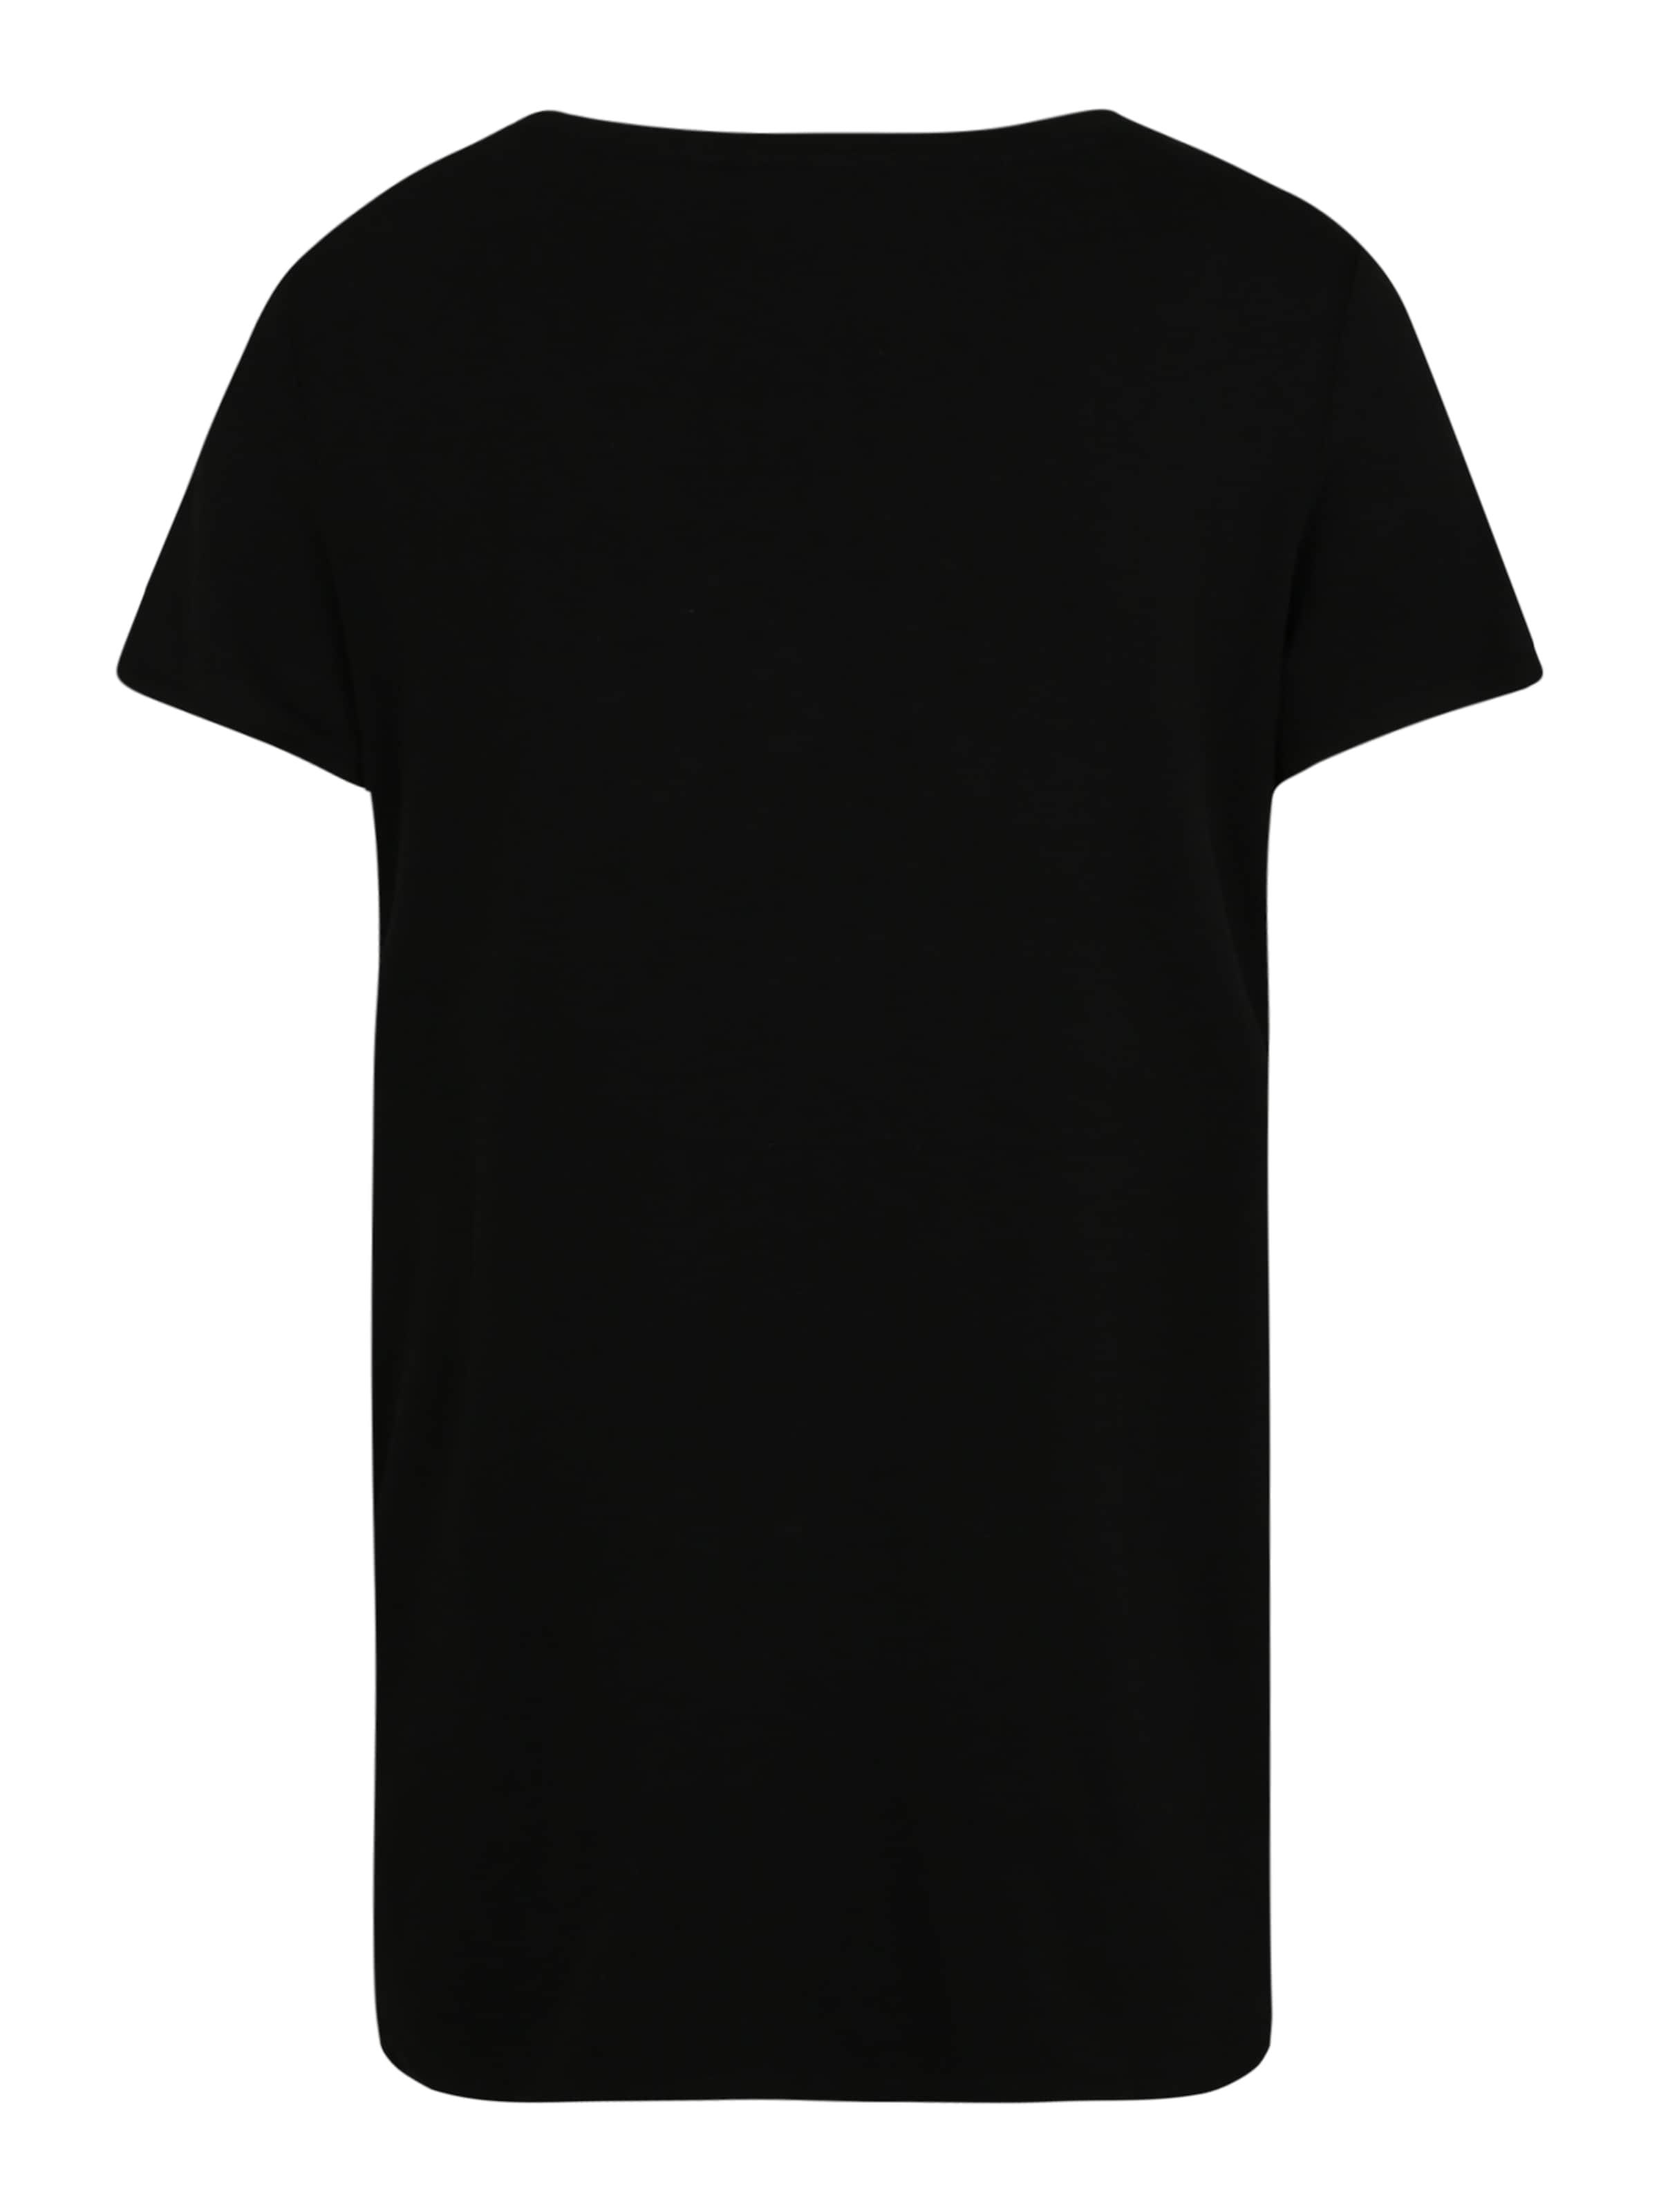 'rome' shirt Noppies Noir T En IYfmb76ygv